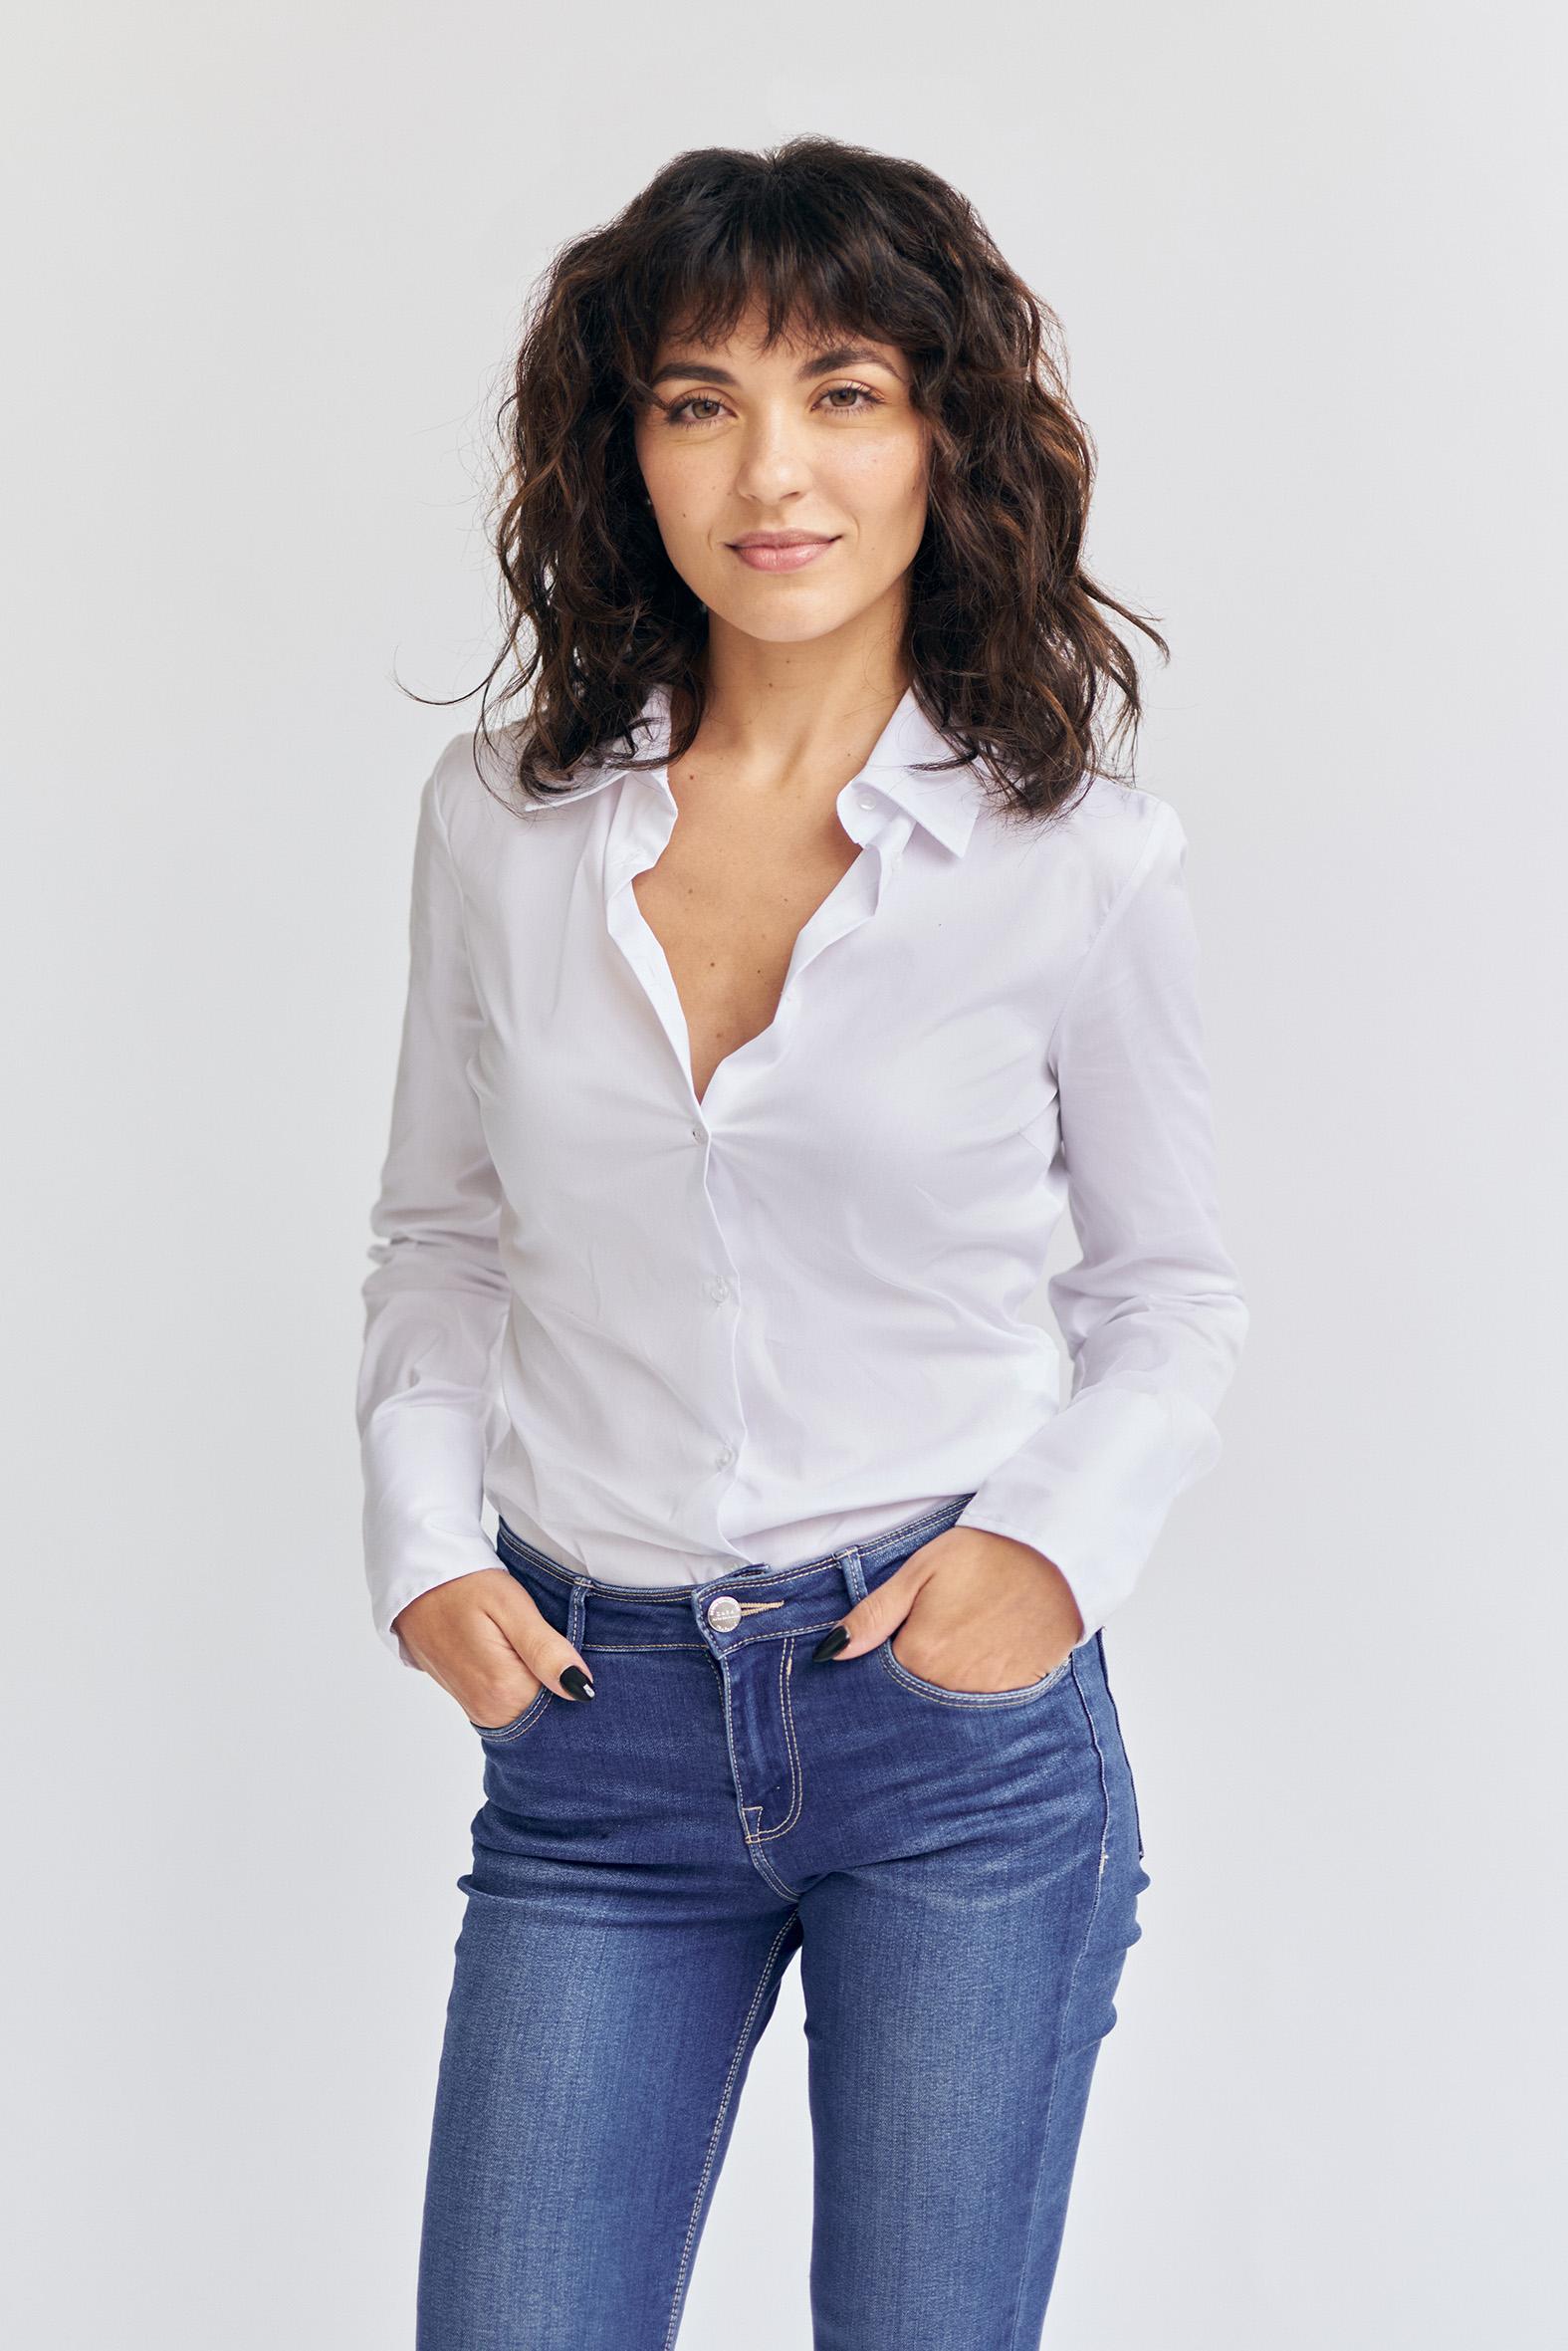 Sara Barradas 5